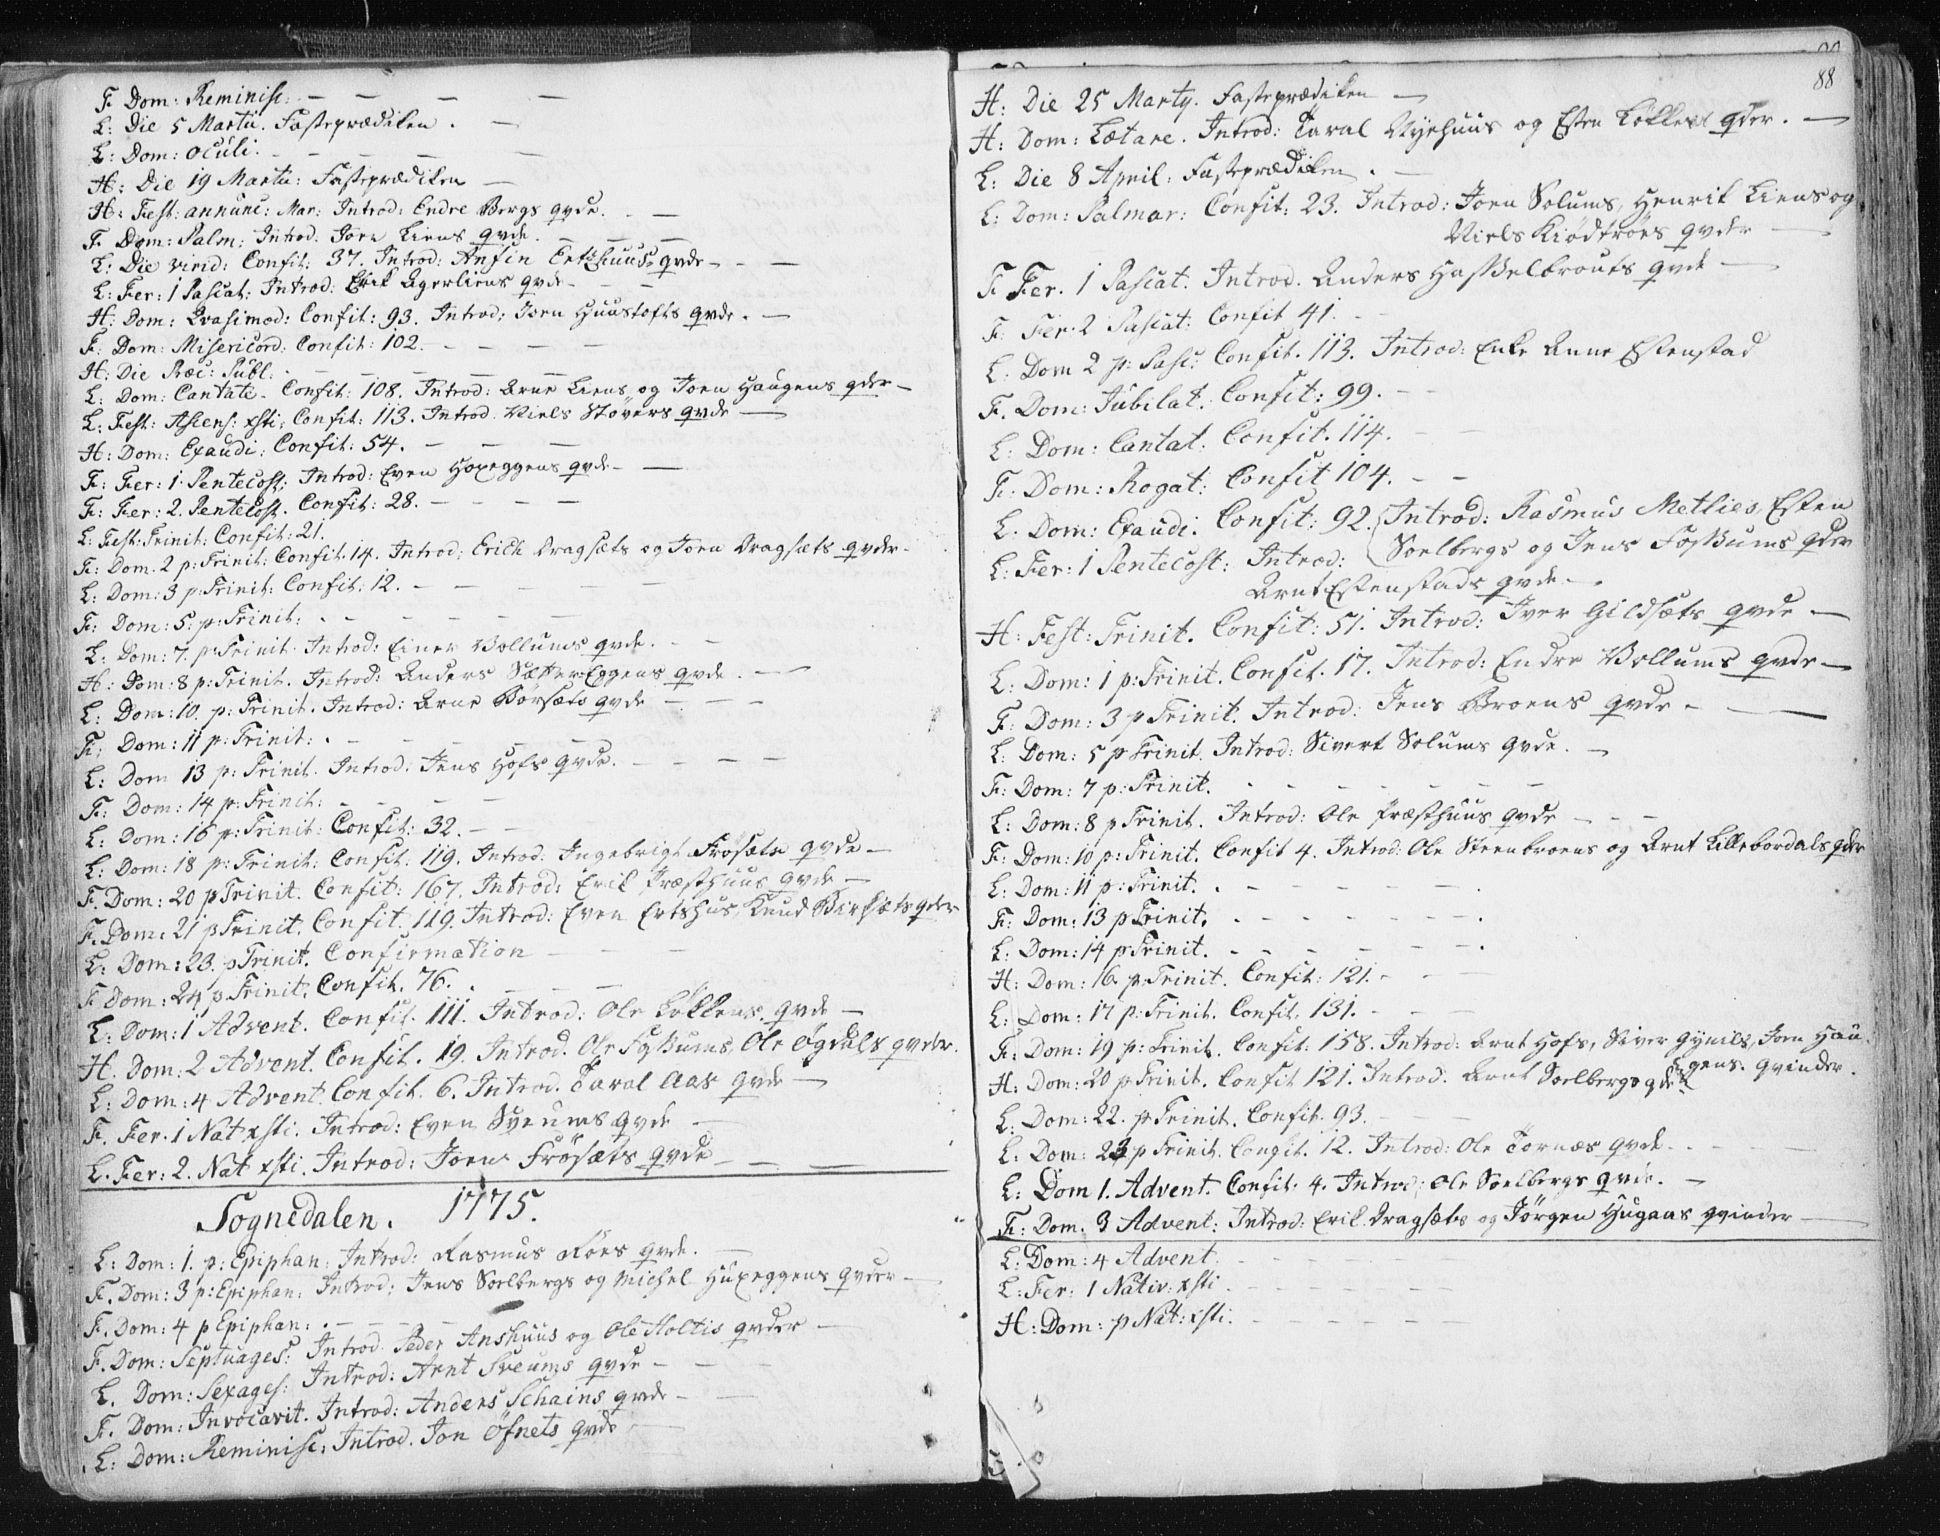 SAT, Ministerialprotokoller, klokkerbøker og fødselsregistre - Sør-Trøndelag, 687/L0991: Ministerialbok nr. 687A02, 1747-1790, s. 88